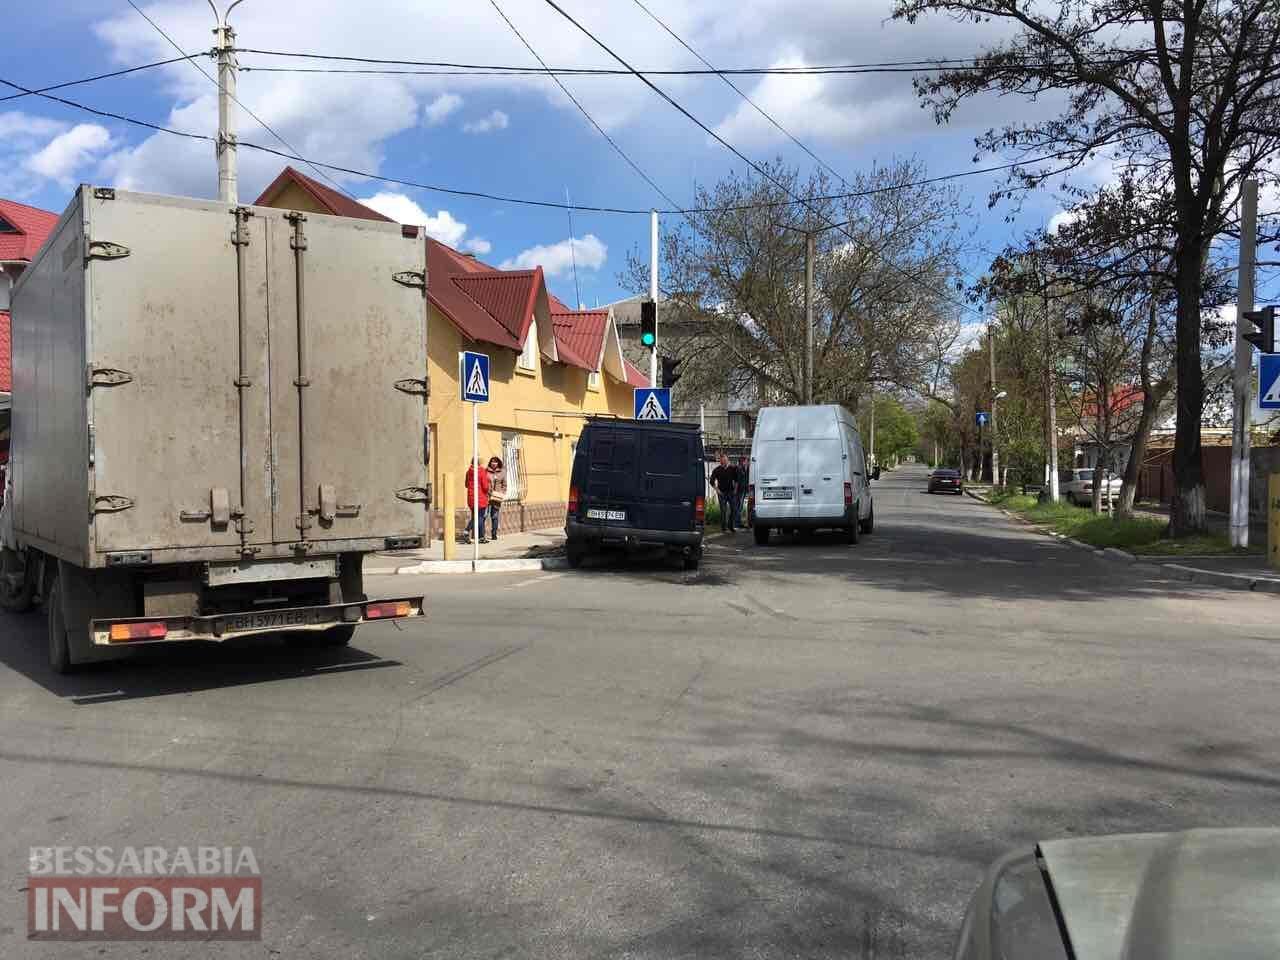 DTP-v-Izmaile Измаил: на улице Белгород-Днестровской очередное ДТП, есть пострадавшая